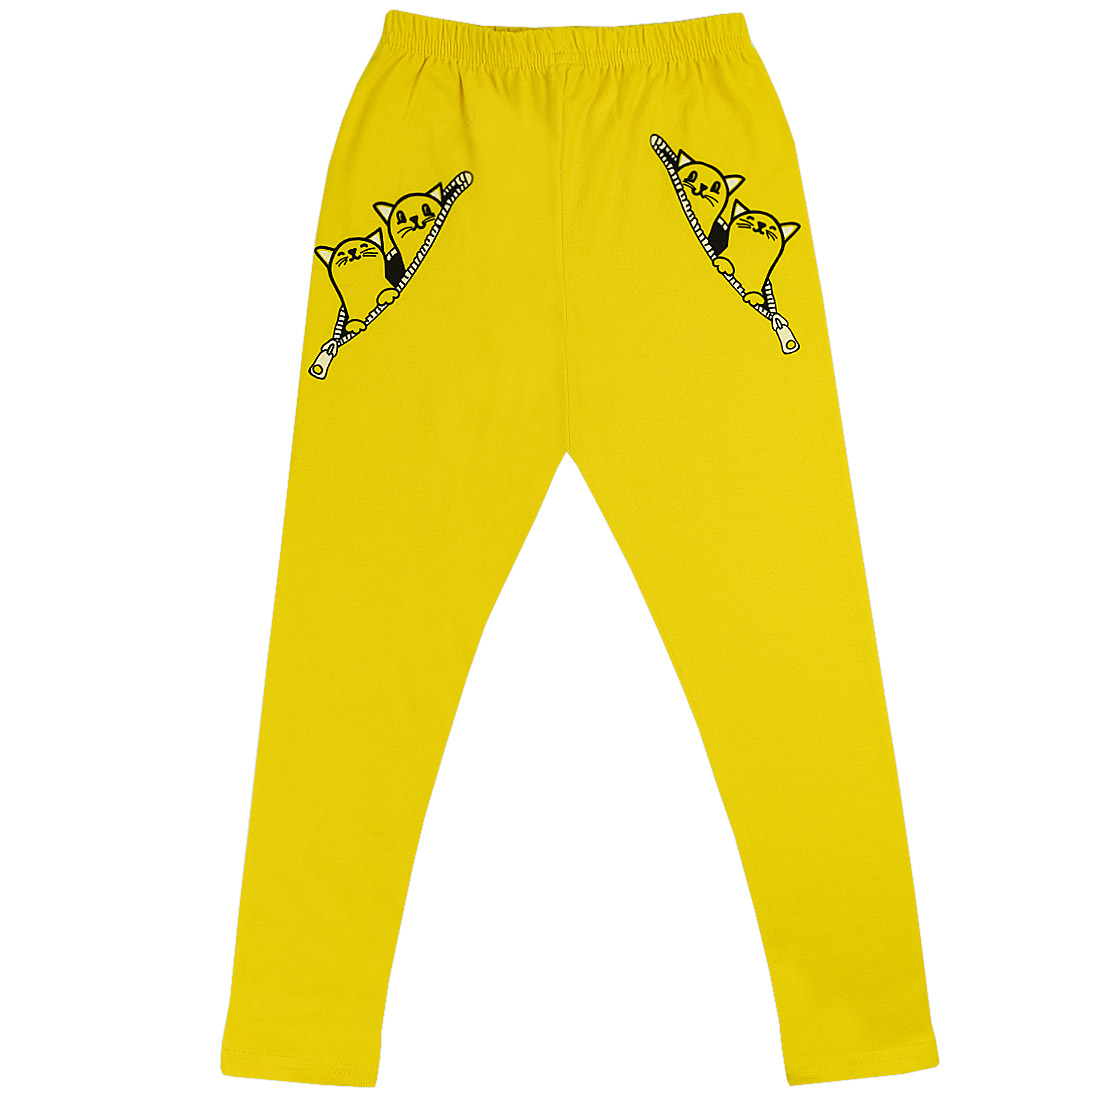 Купить 129к/л ап, Леггинсы детские Юлла, цв. желтый р. 92, Шорты и брюки для новорожденных